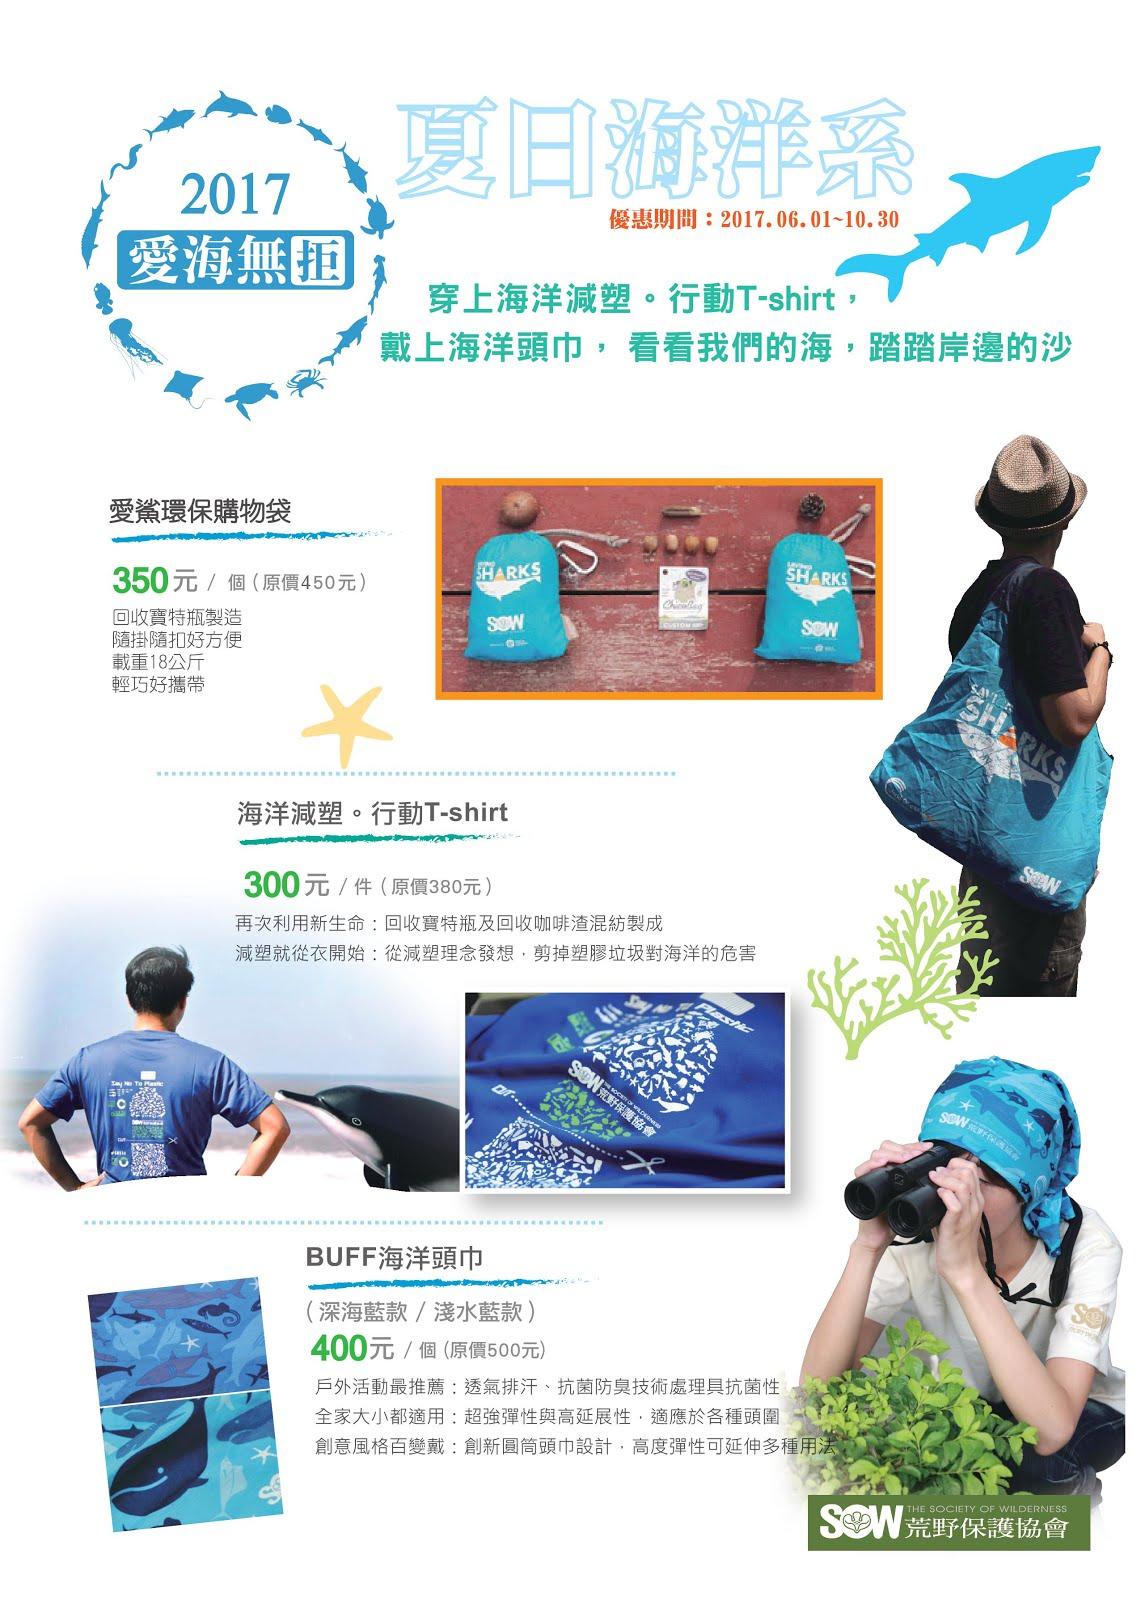 海洋倡議-夏日海洋系商品特賣